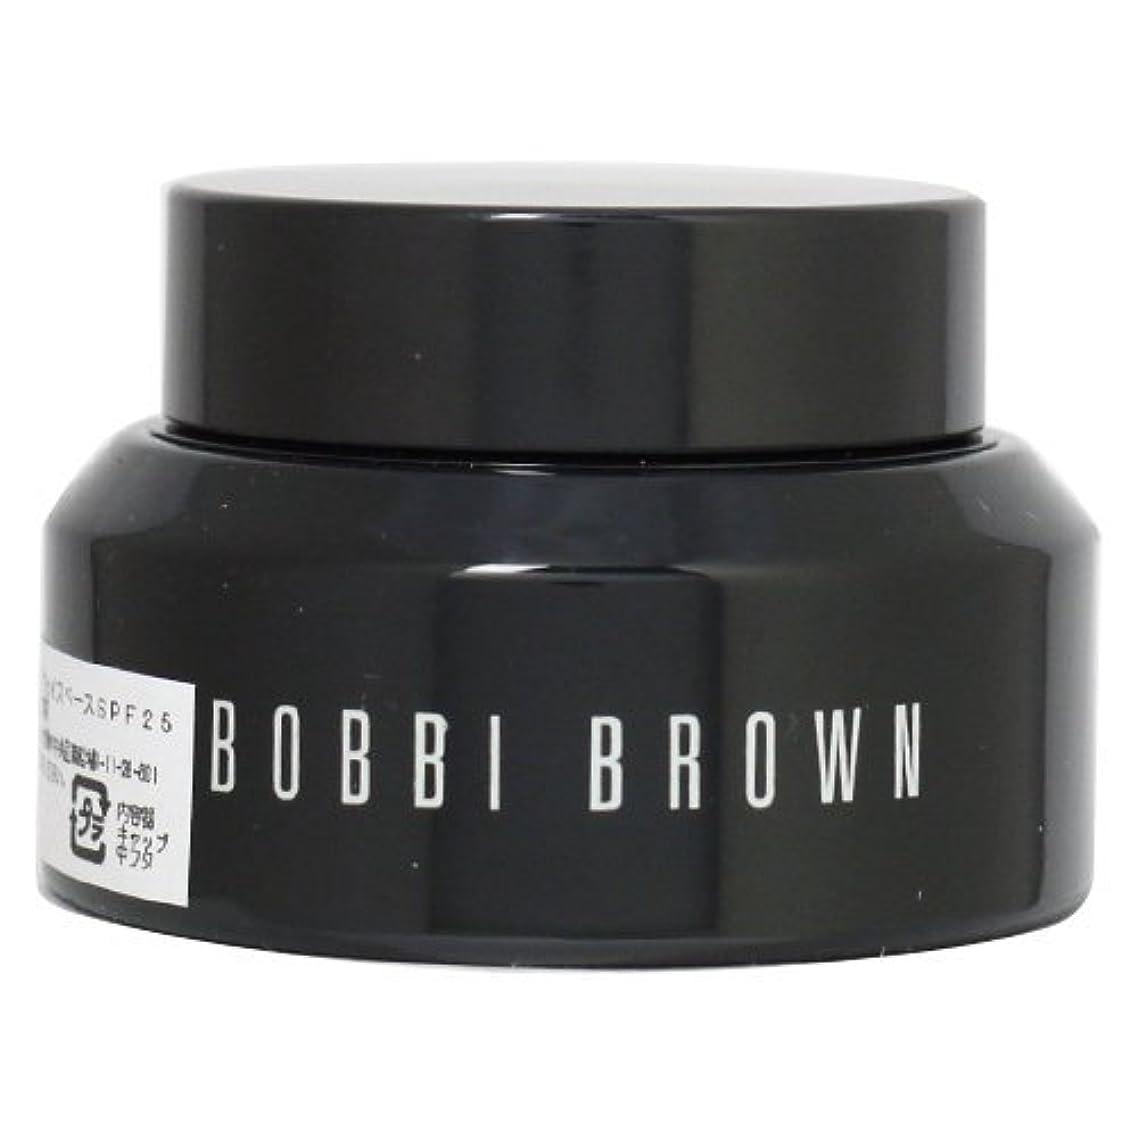 ステップ貧しいレキシコンボビーブラウン(BOBBI BROWN) イルミネイティング フェイスベース 30ml[並行輸入品]